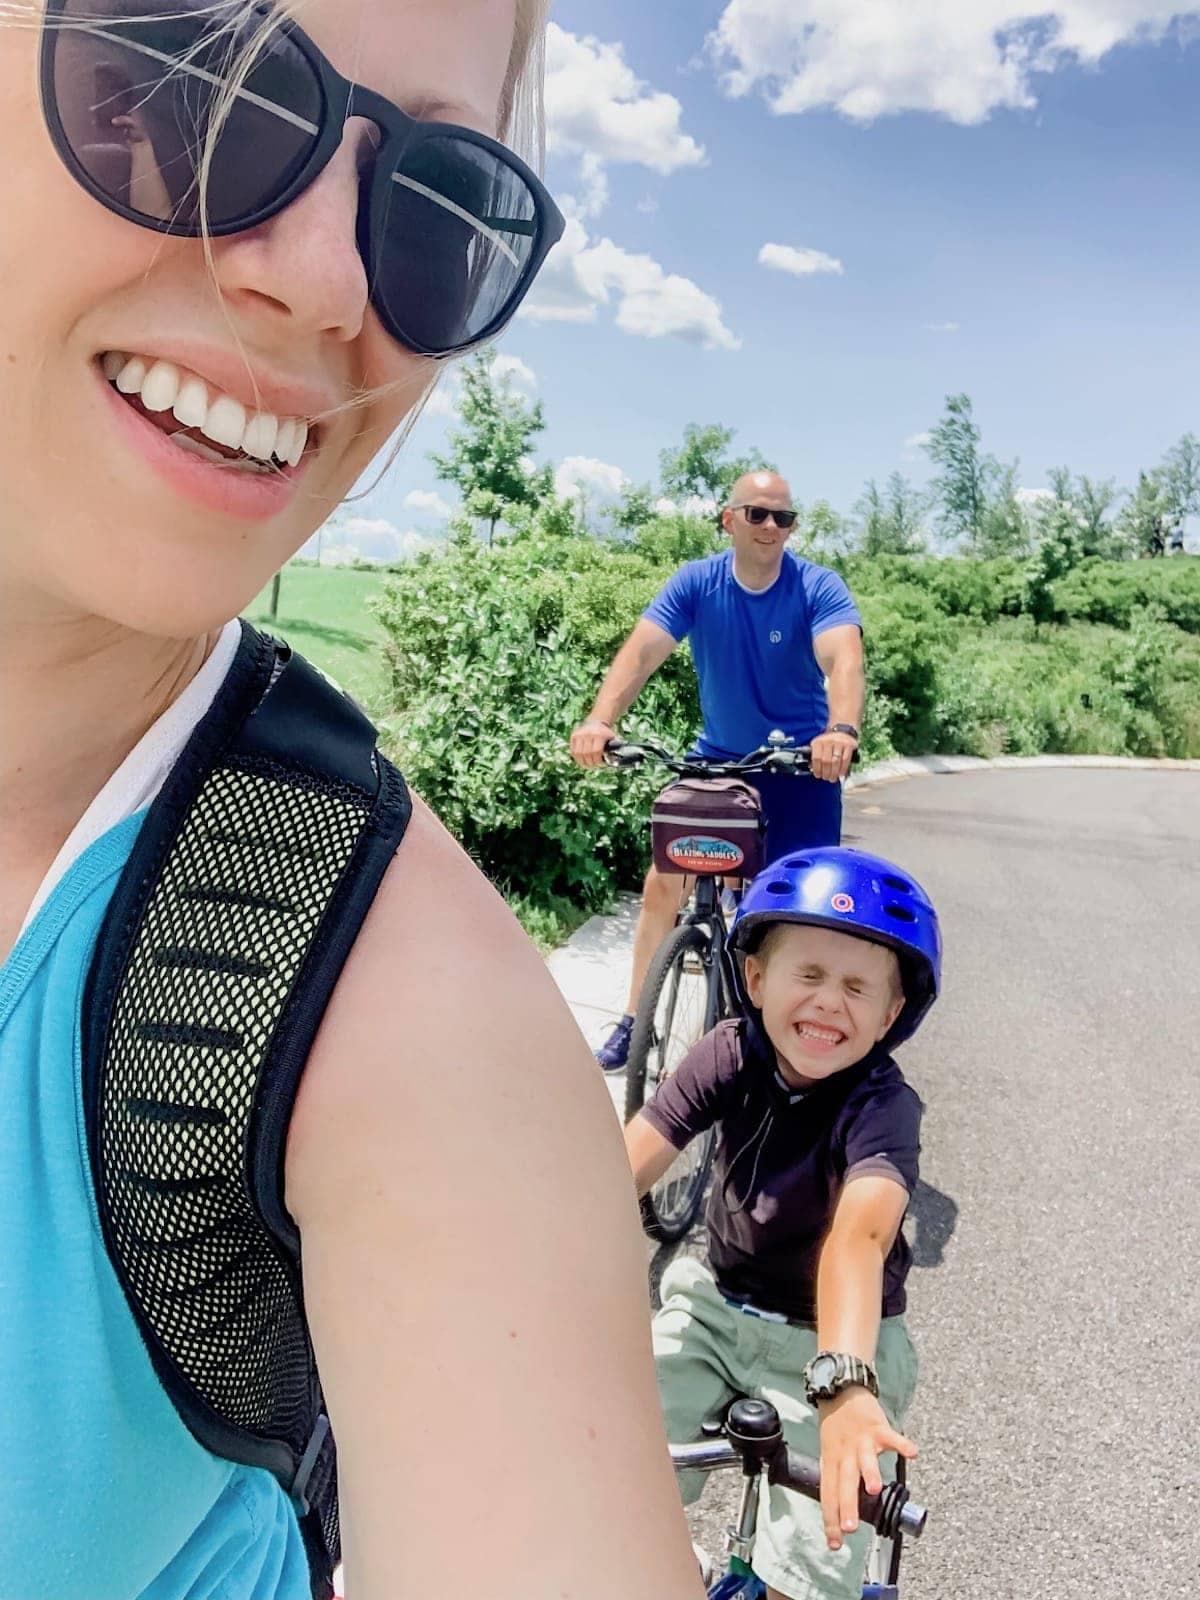 Lauren Blake and Gordon riding bicycles